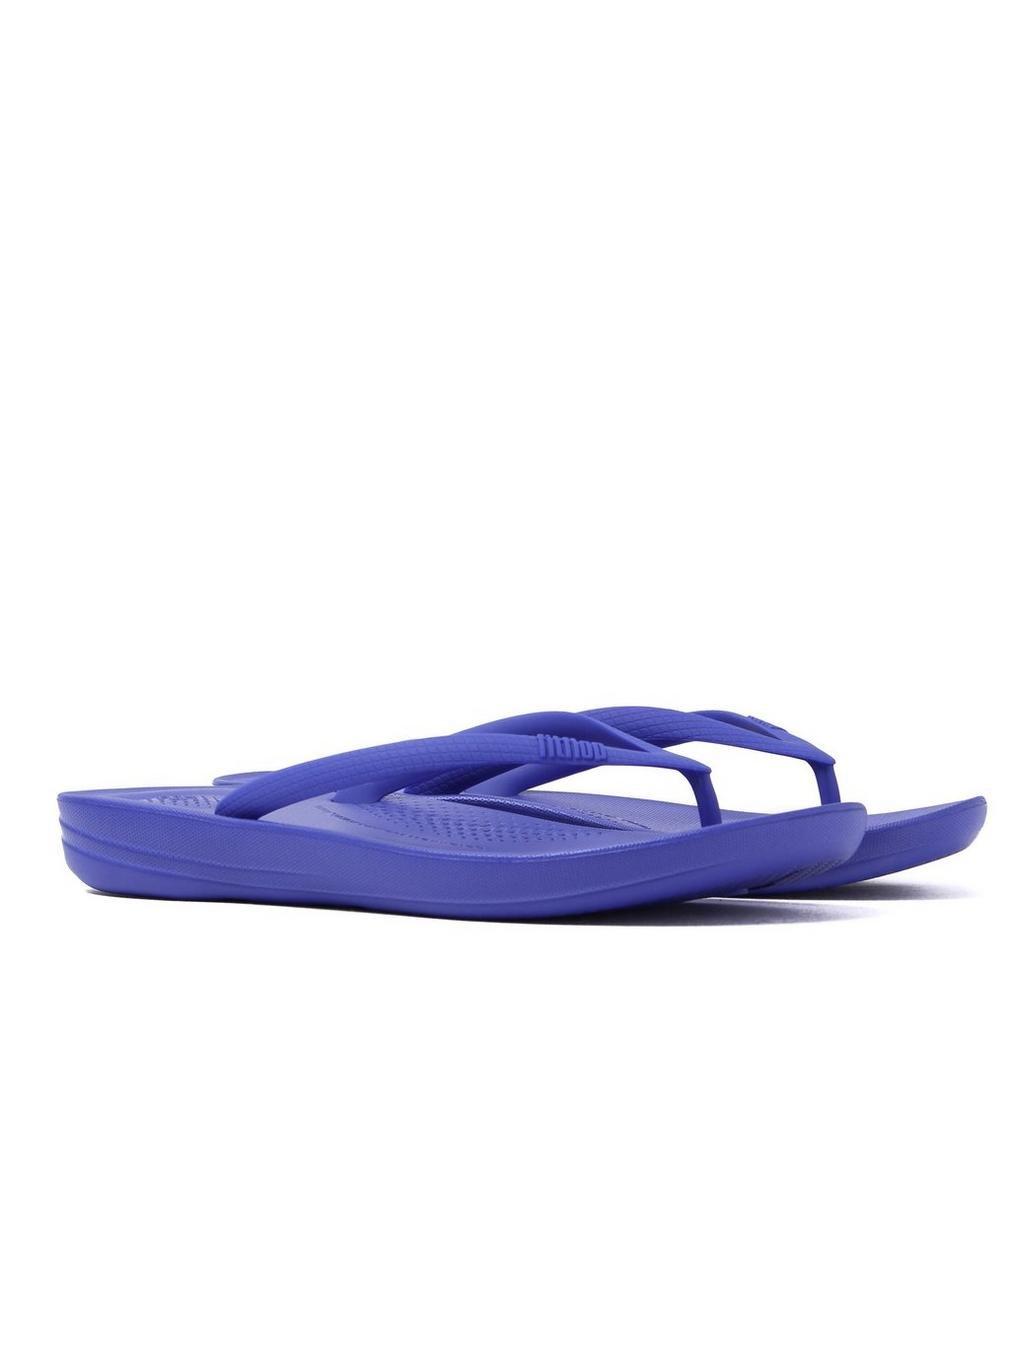 FitFlop Damen Iqushion Ergonomic Flip-Flops Peeptoe Sandalen, Gold  36 EU|Blau